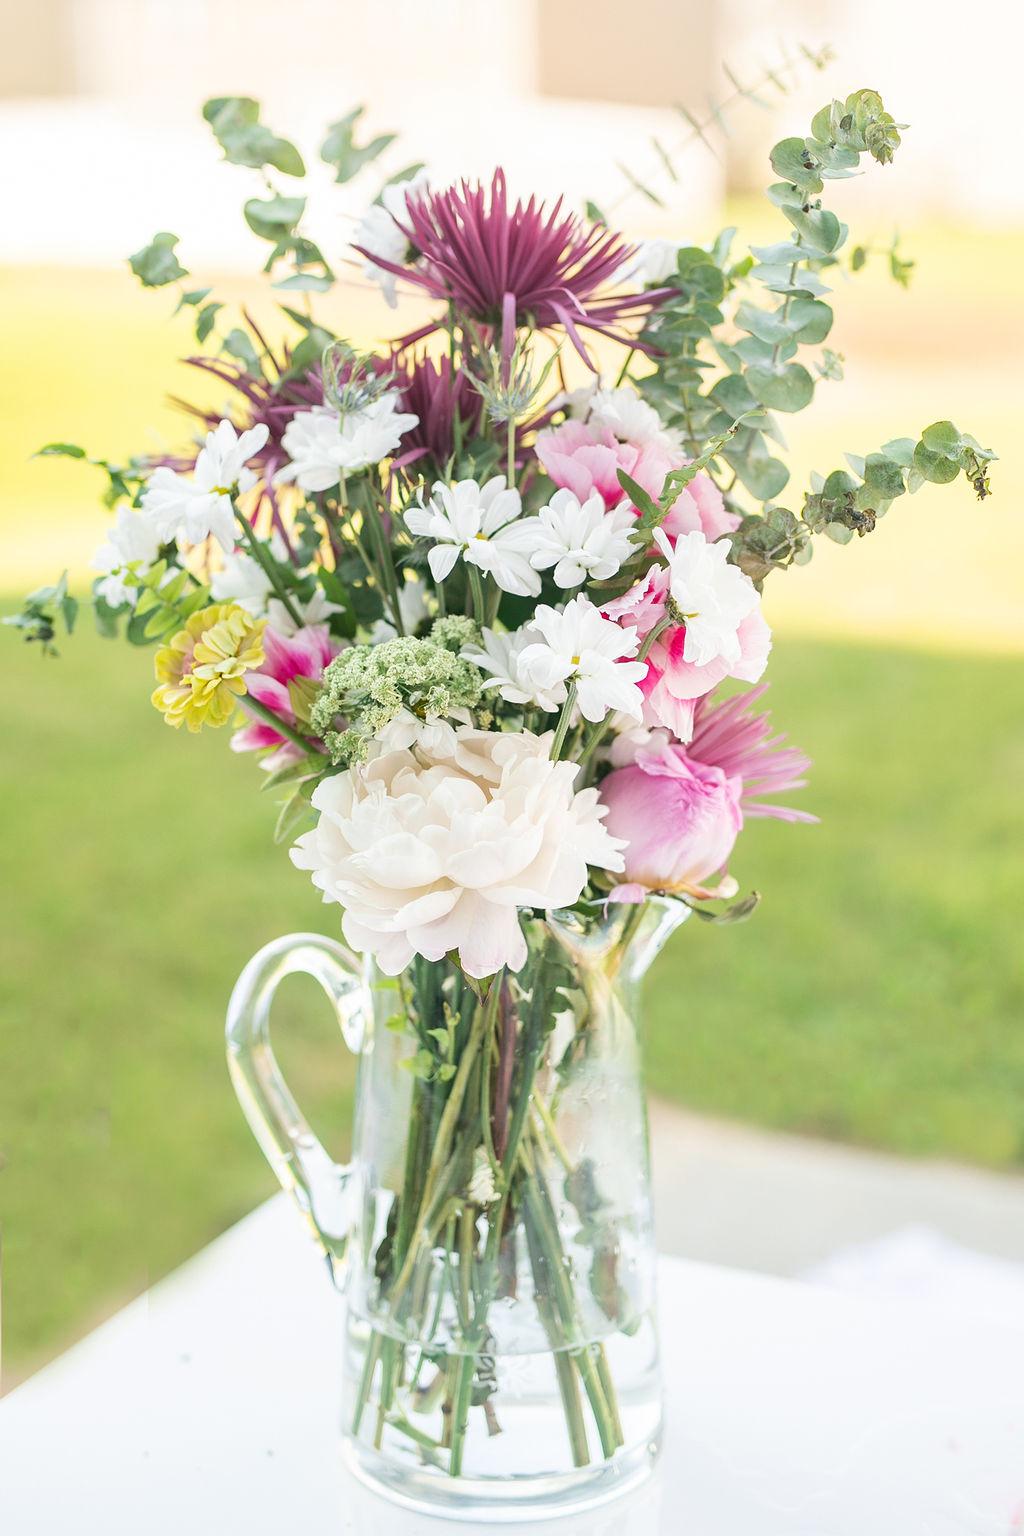 Floral Arranging Basics